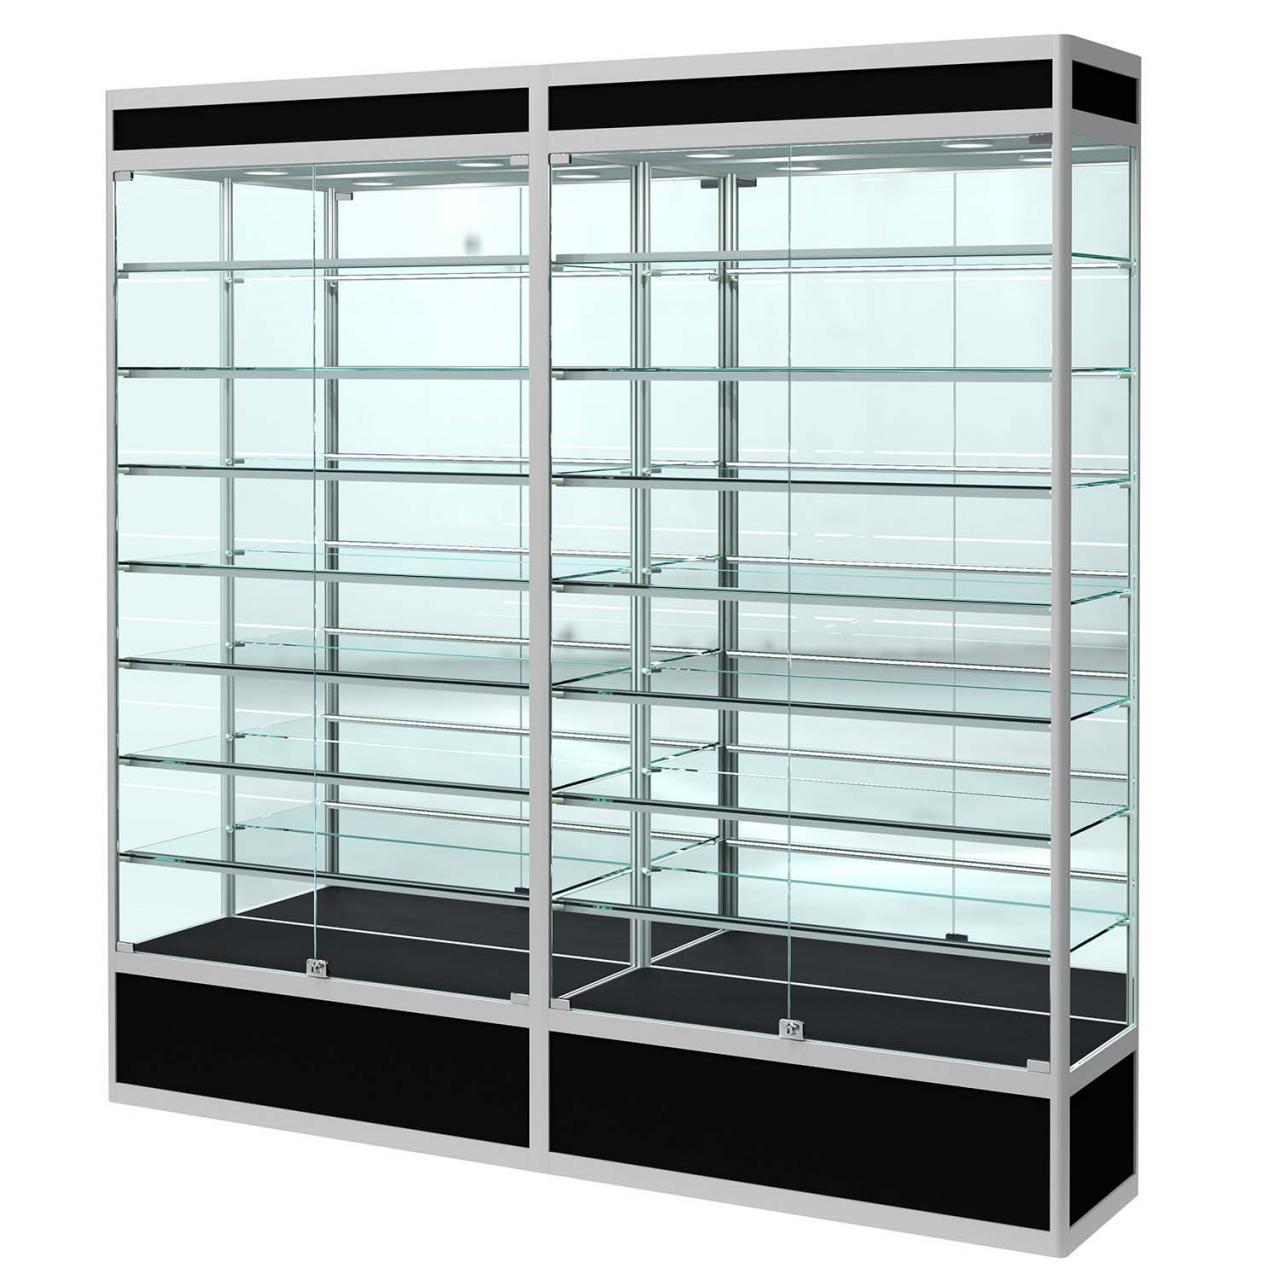 Табачная витрина ВПКД-200.40Т